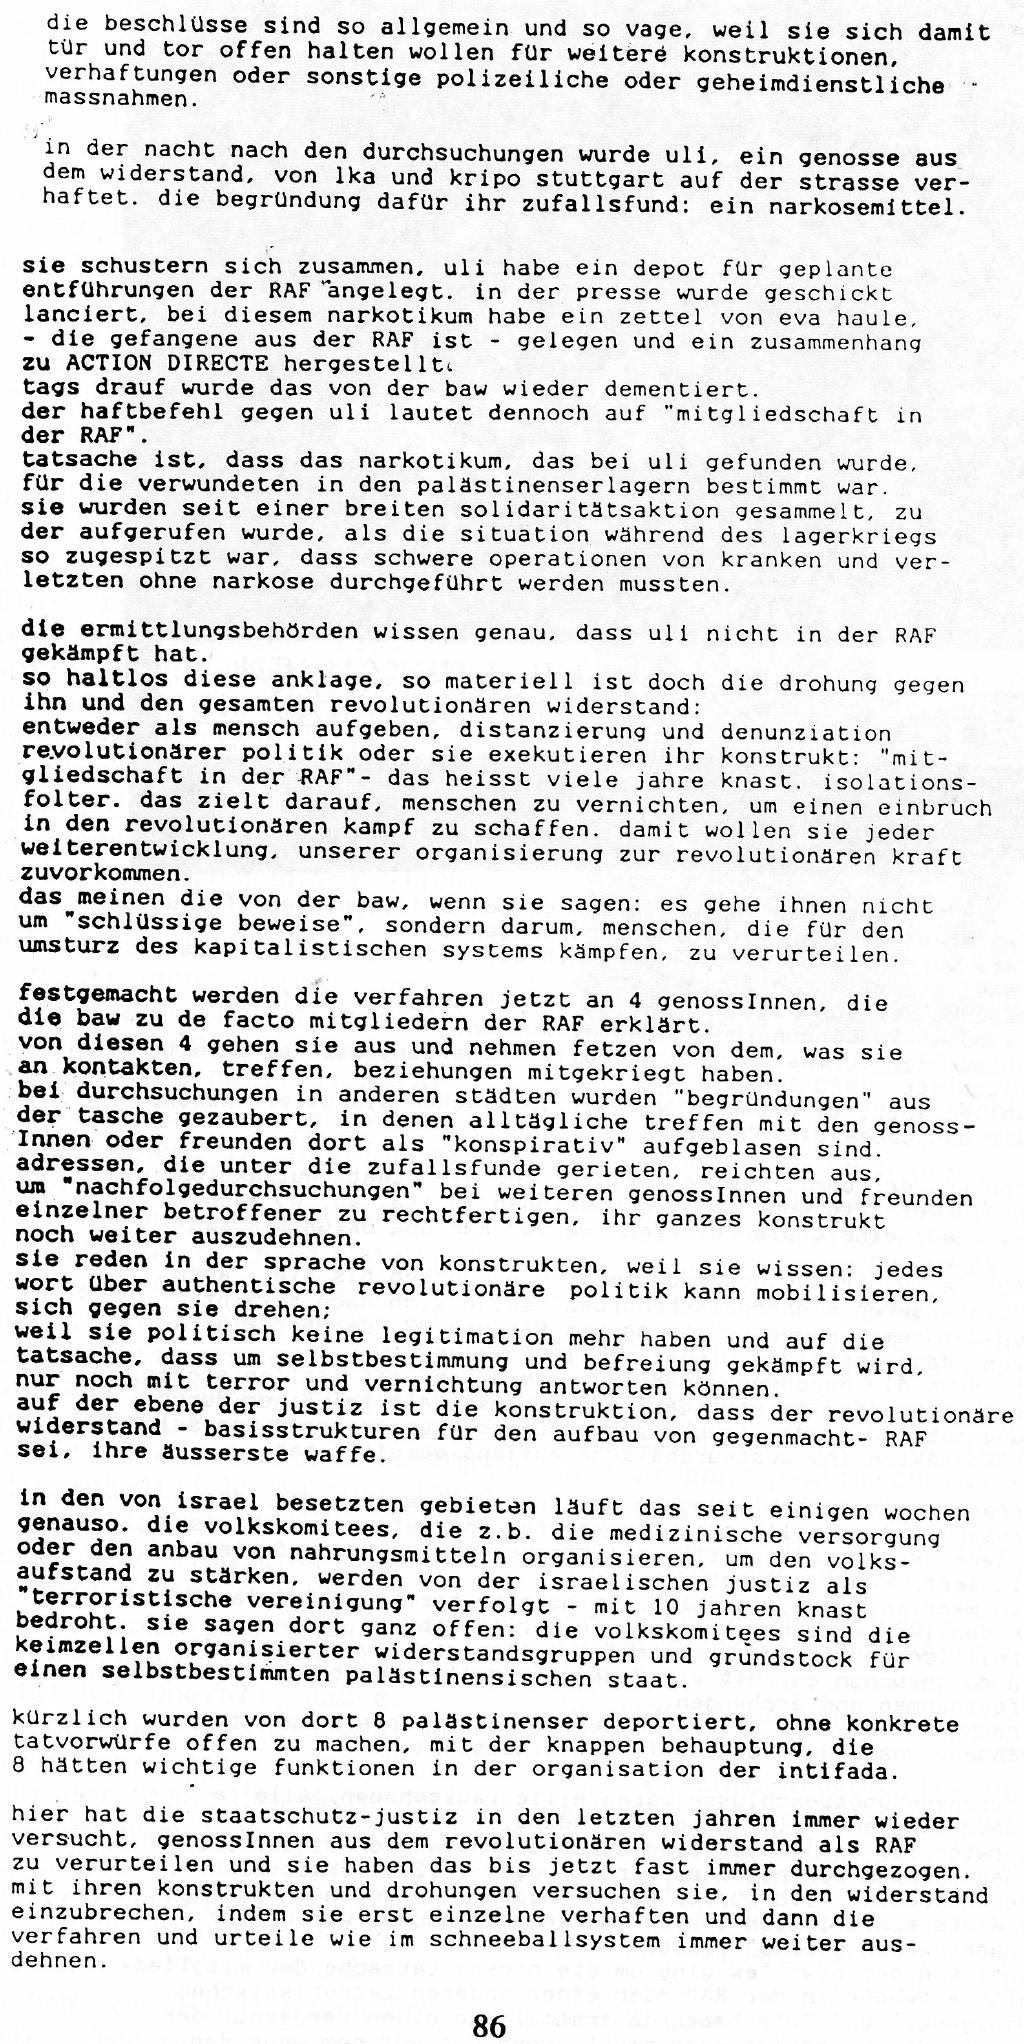 Duesseldorf_1989_Sechs_Politische_Gefangene_086